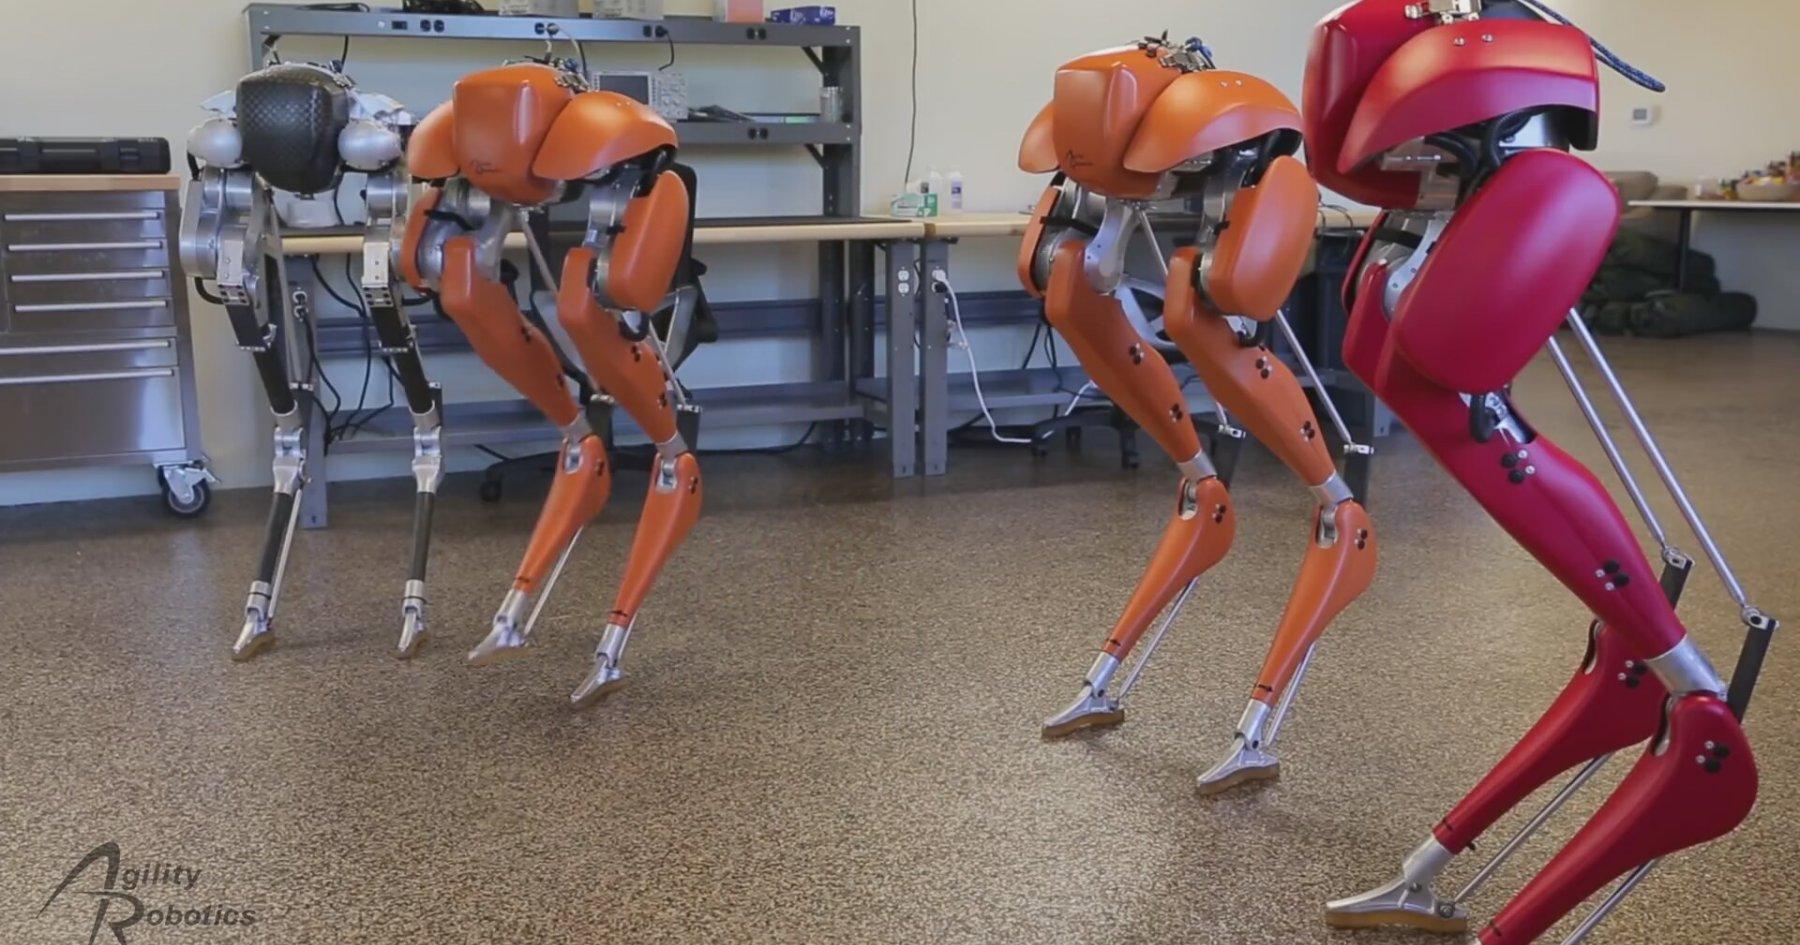 Müthiş Bir Dengeye Sahip Olan Robotlar